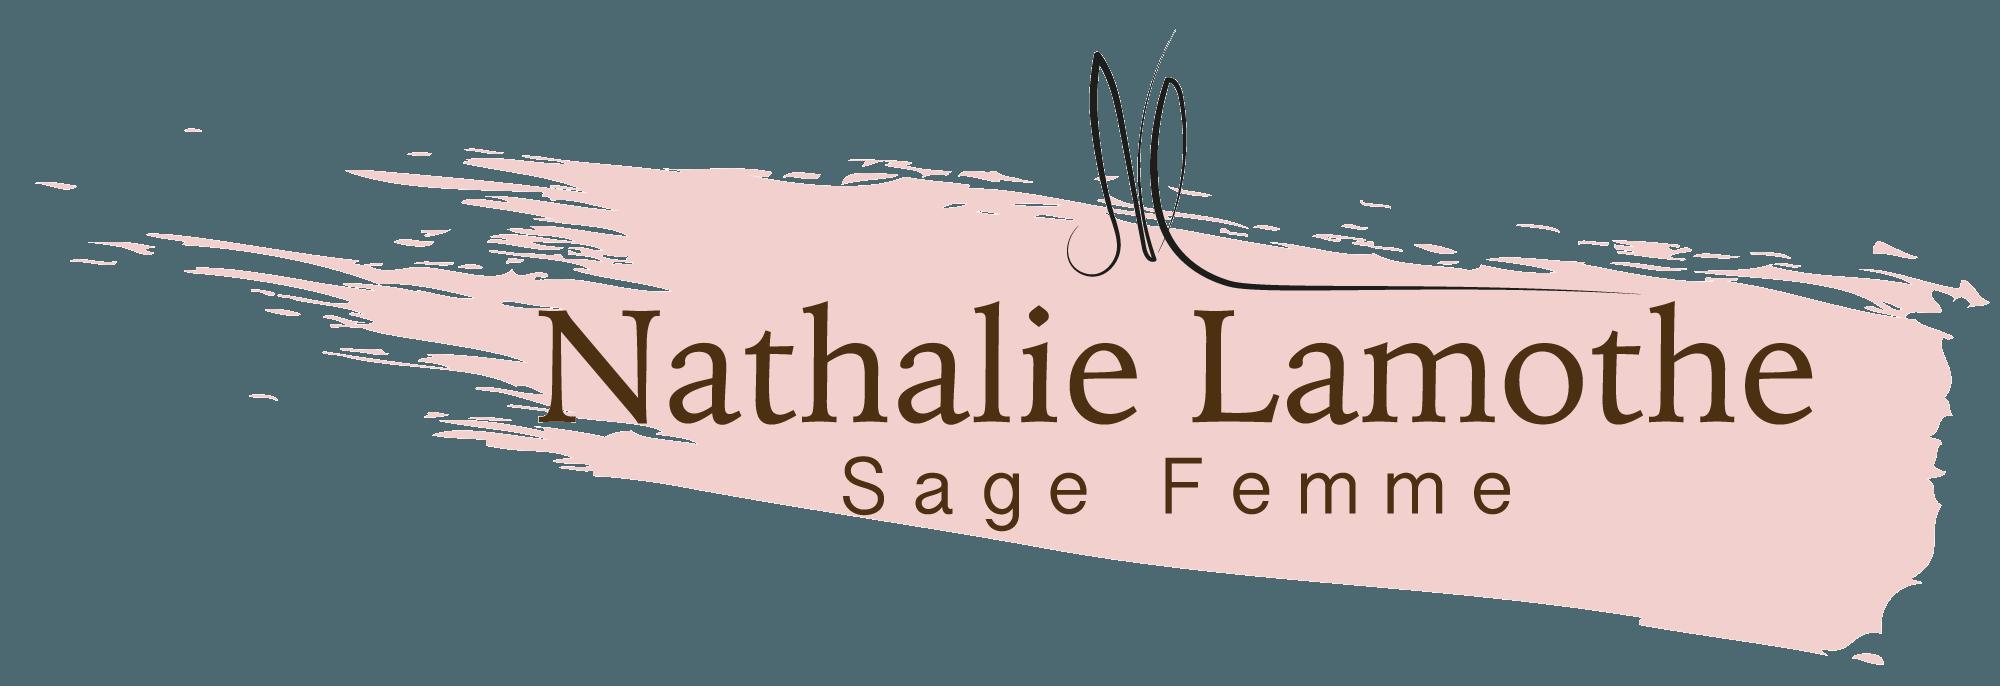 Nathalie Lamothe Sage-femme